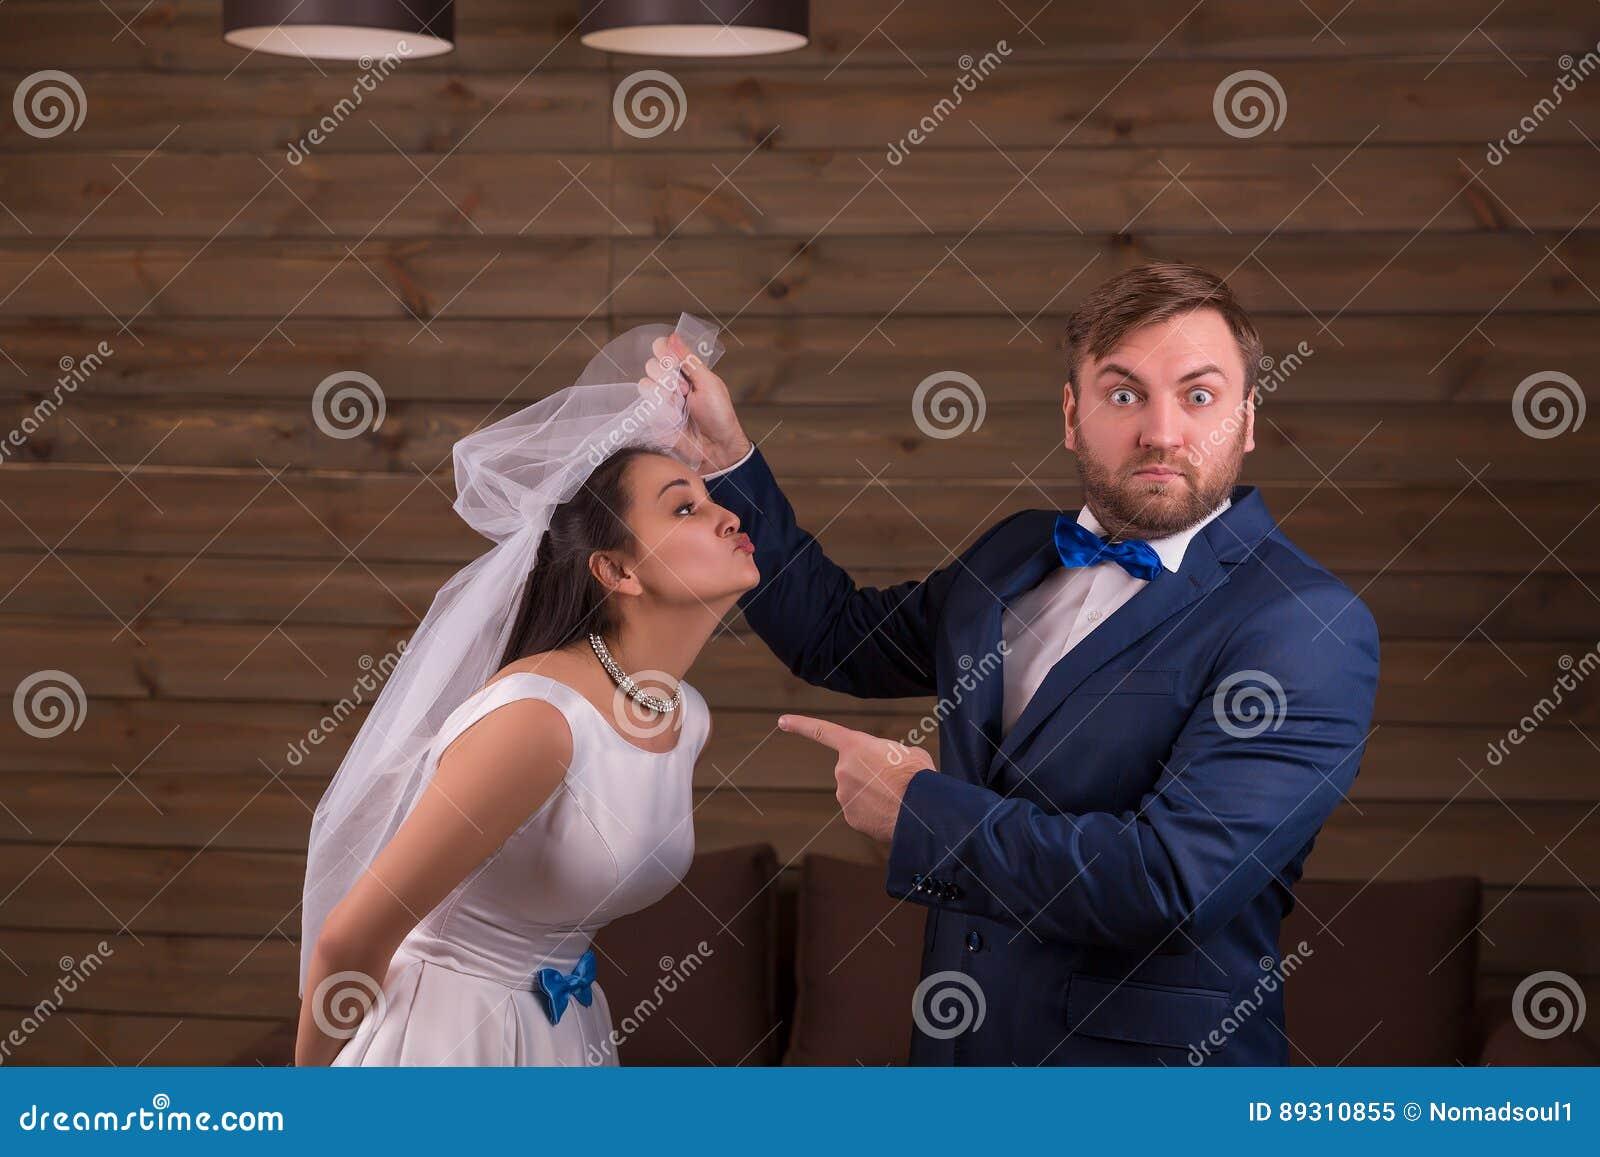 Braut im weißen Kleid gegen überraschten Bräutigam